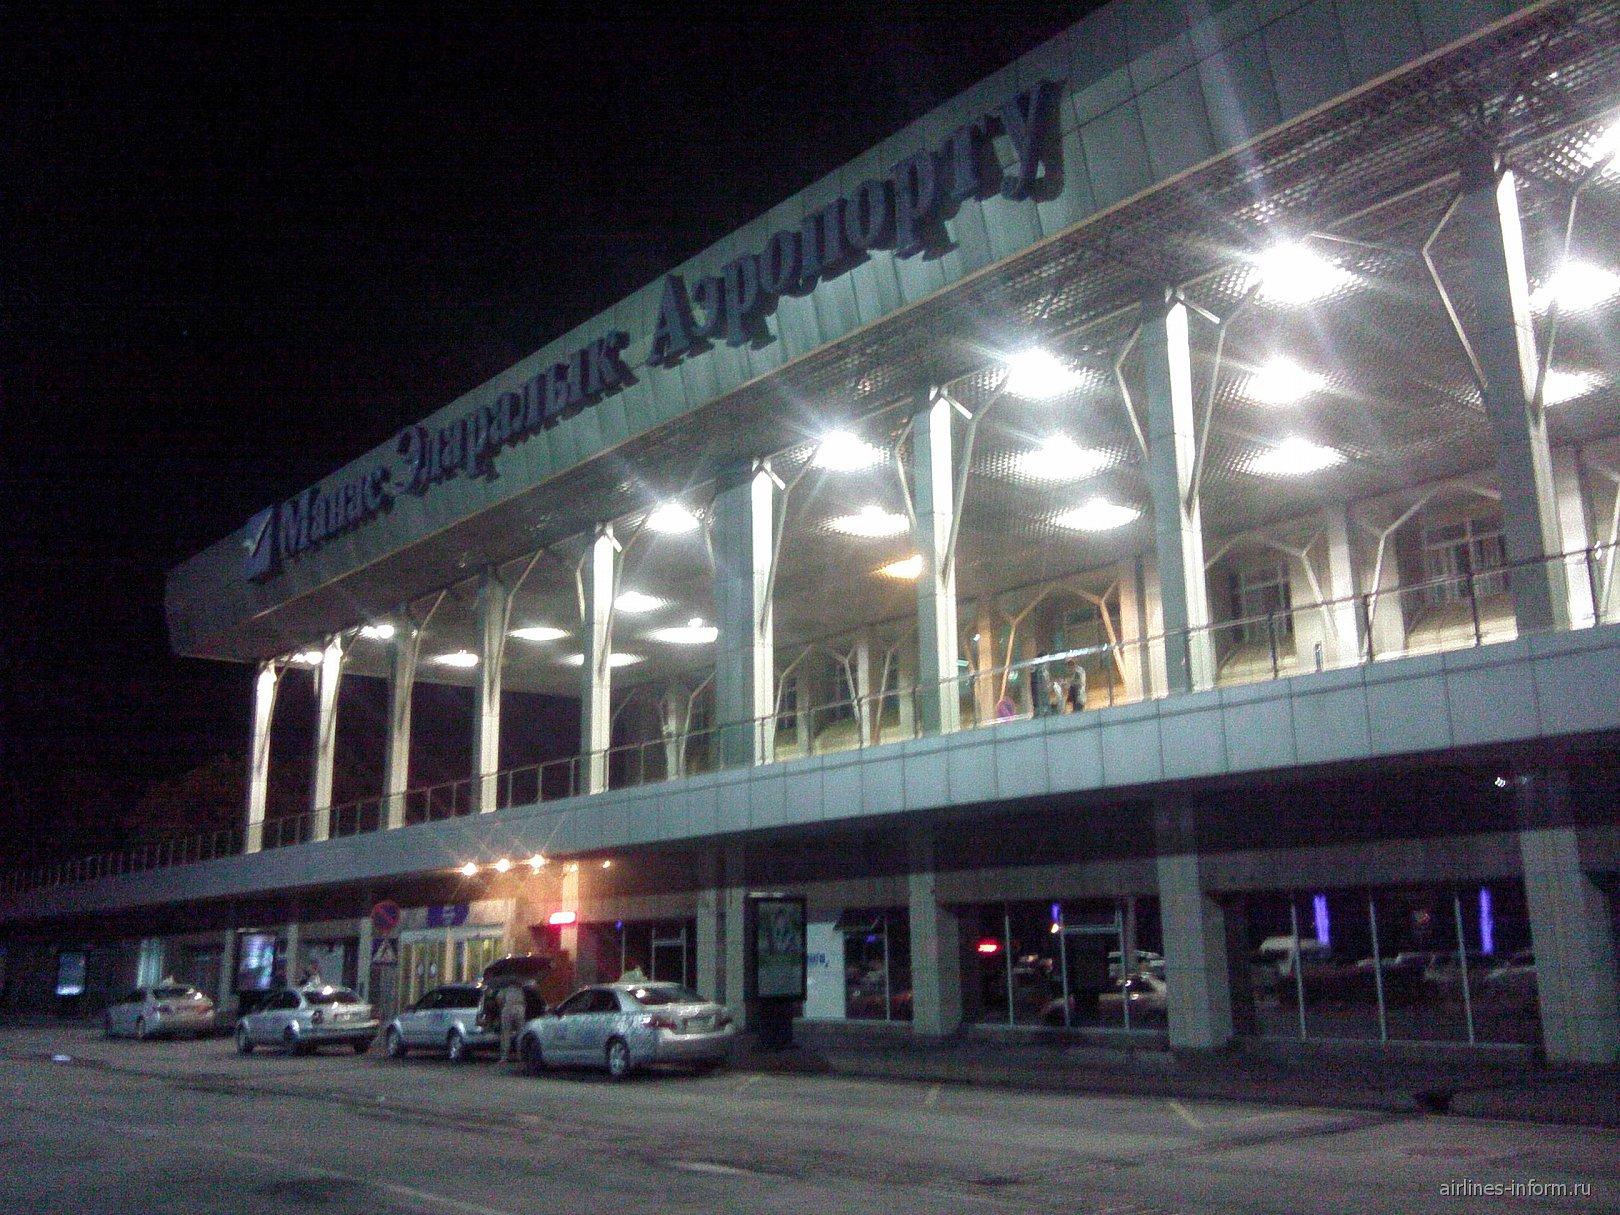 Аэровокзал аэропорта Манас в Бишкеке